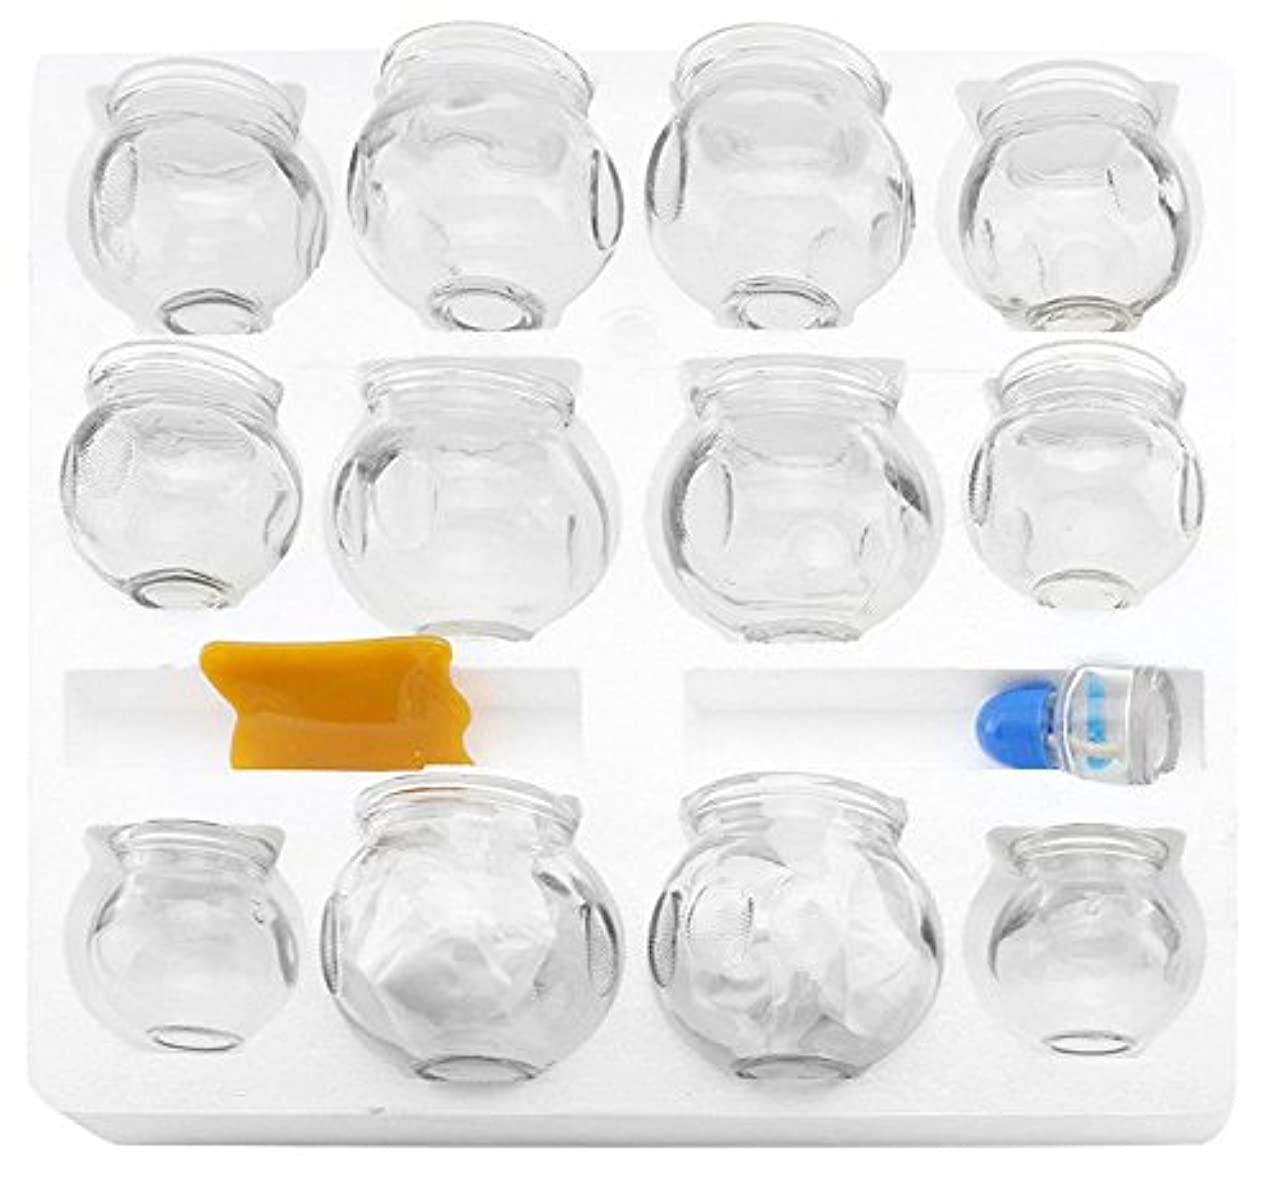 実業家知り合いになる考えた12 pcs厚いガラスカッピング療法セットfor Professionals ( 2カップ# 5 ~ 2.87